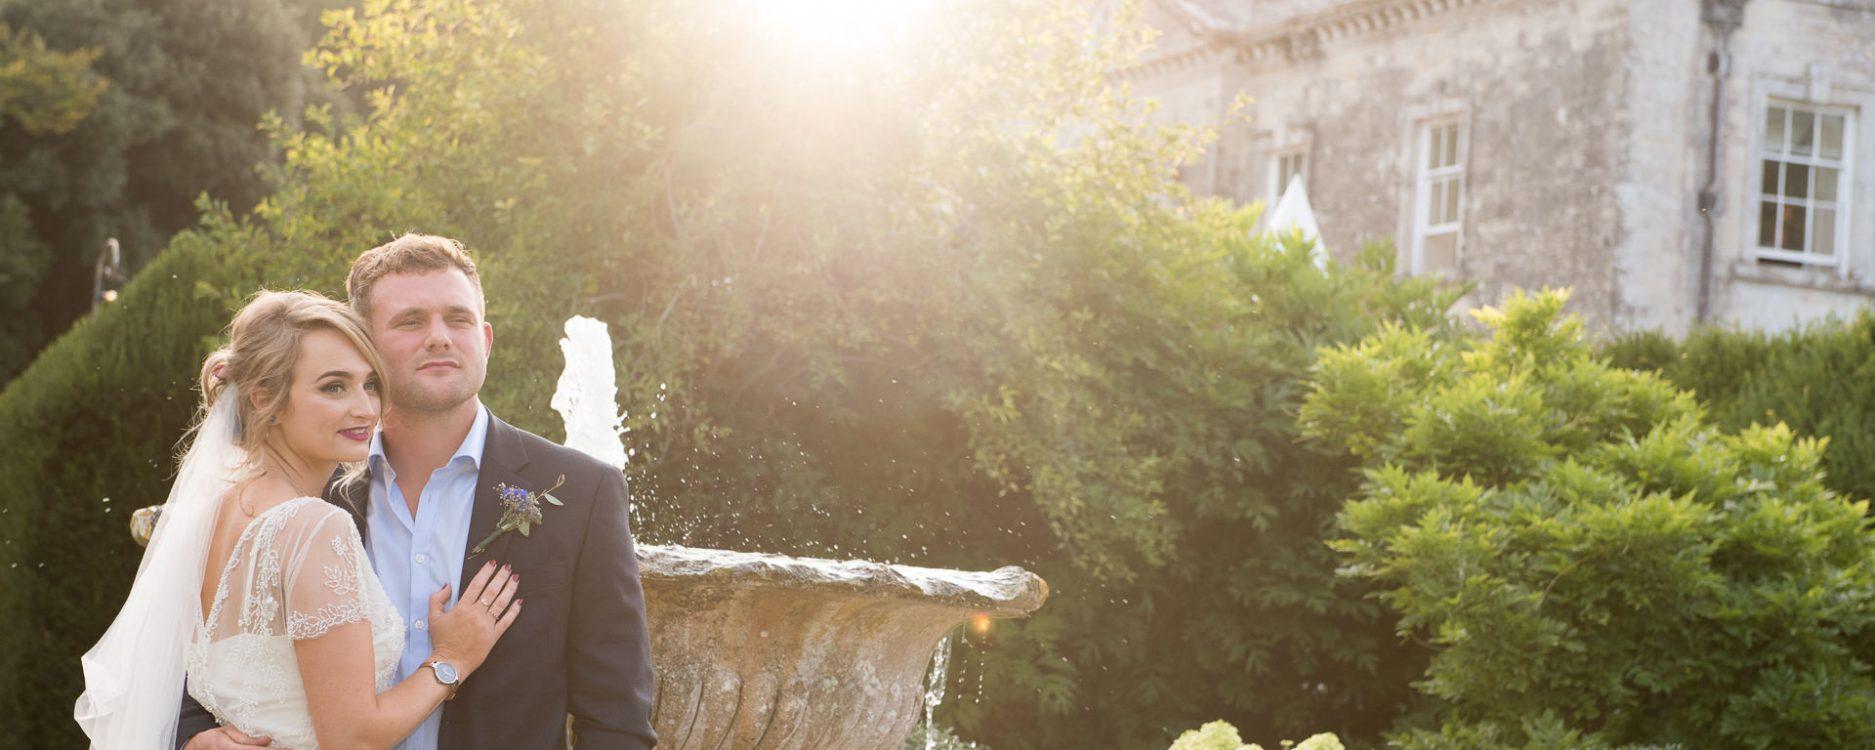 Credit: Columbia Wedding Photography